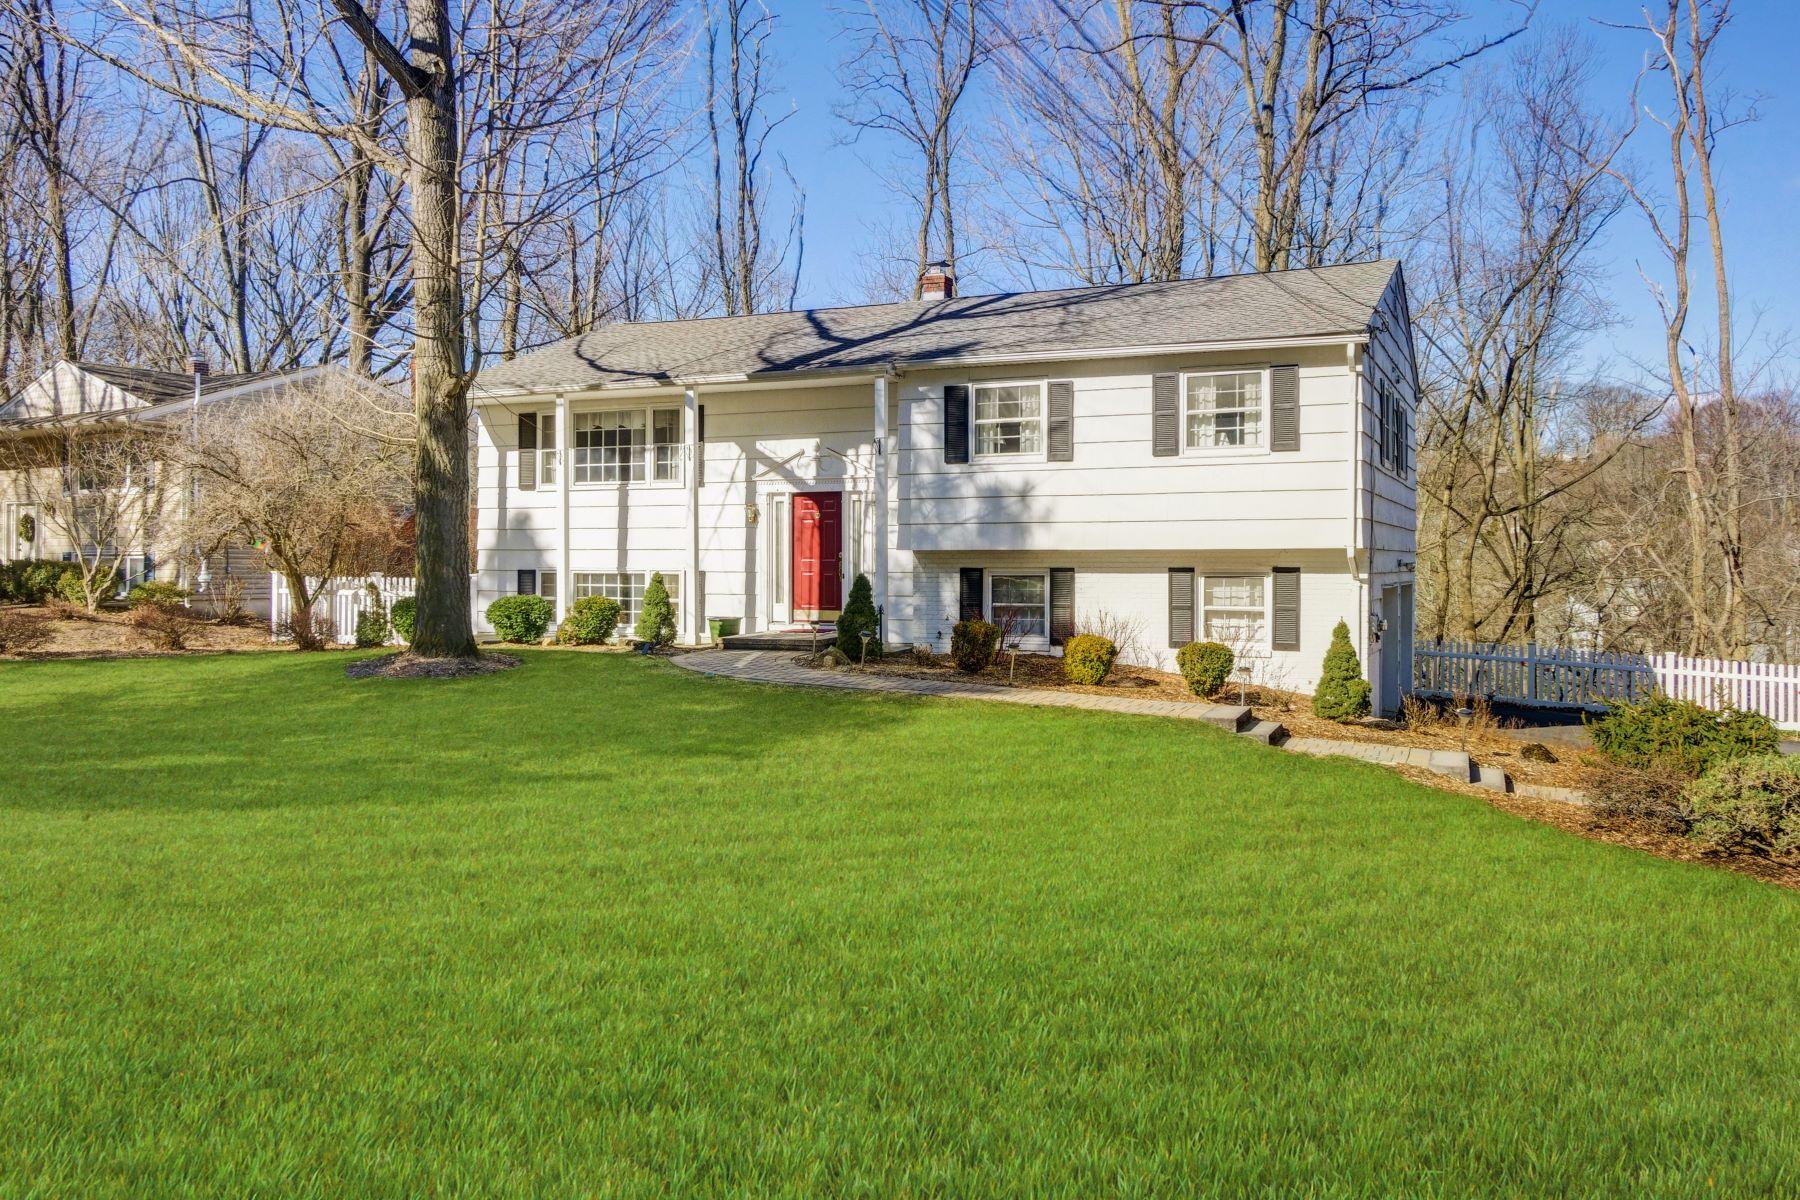 Single Family Homes por un Venta en Desirable Neighborhood 36 Molly Stark Drive Morris Township, Nueva Jersey 07960 Estados Unidos